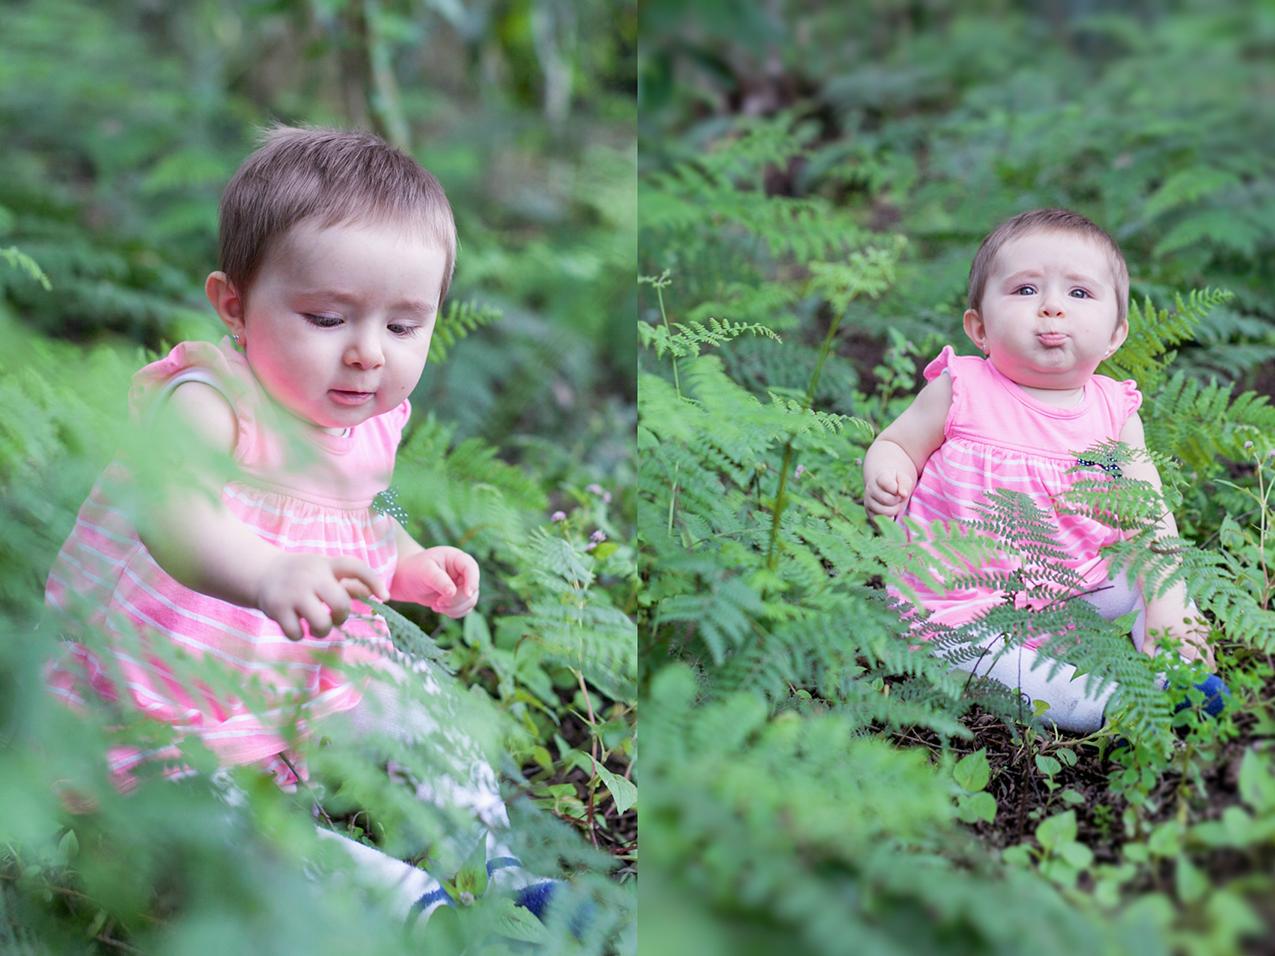 40fotografia-de-niños-bebes-recien-nacido-embarazo-retratos.jpg